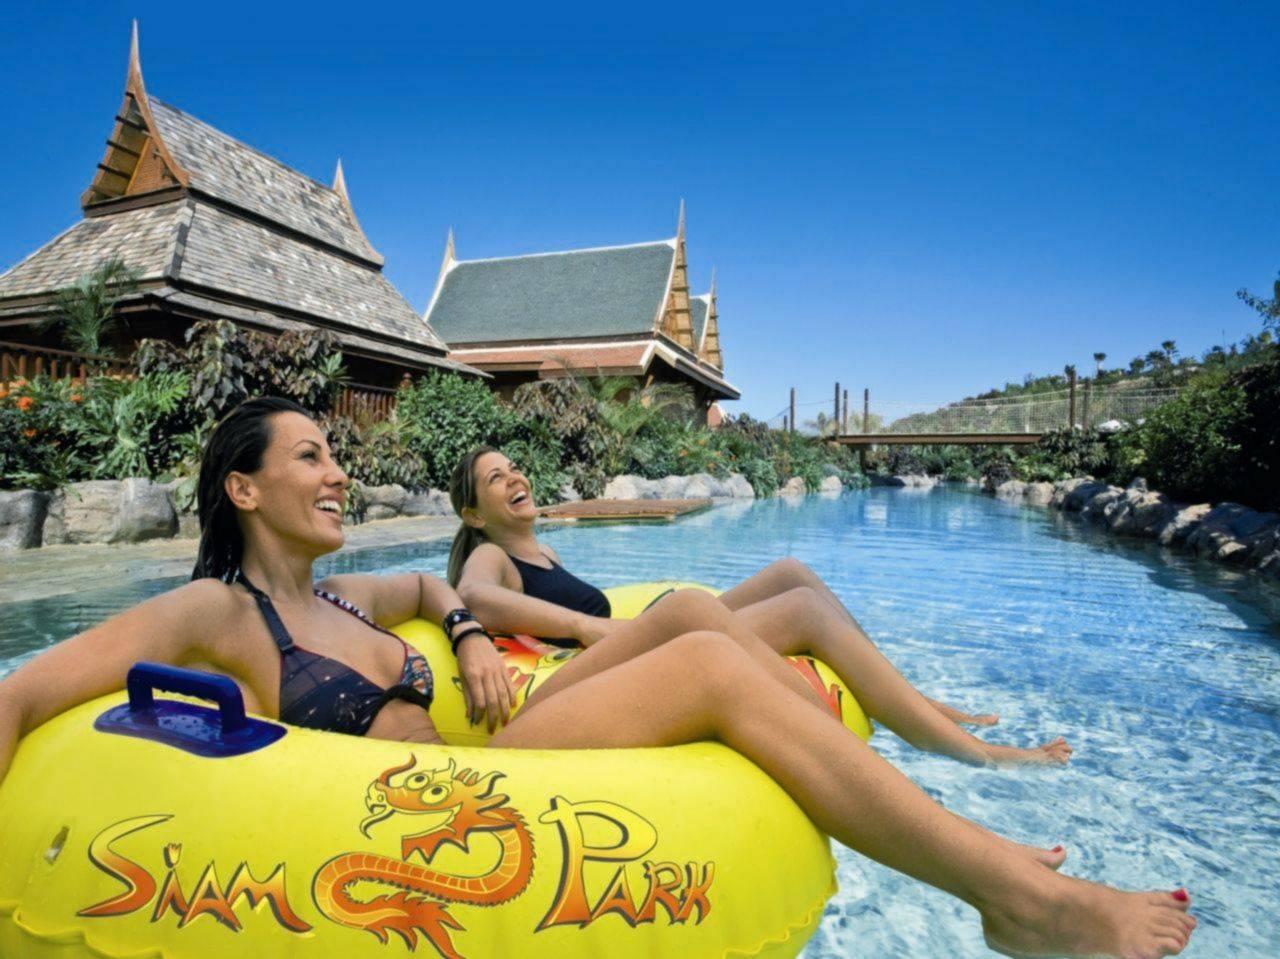 Аквапарк сиам парк (siam park) на острове тенерифе